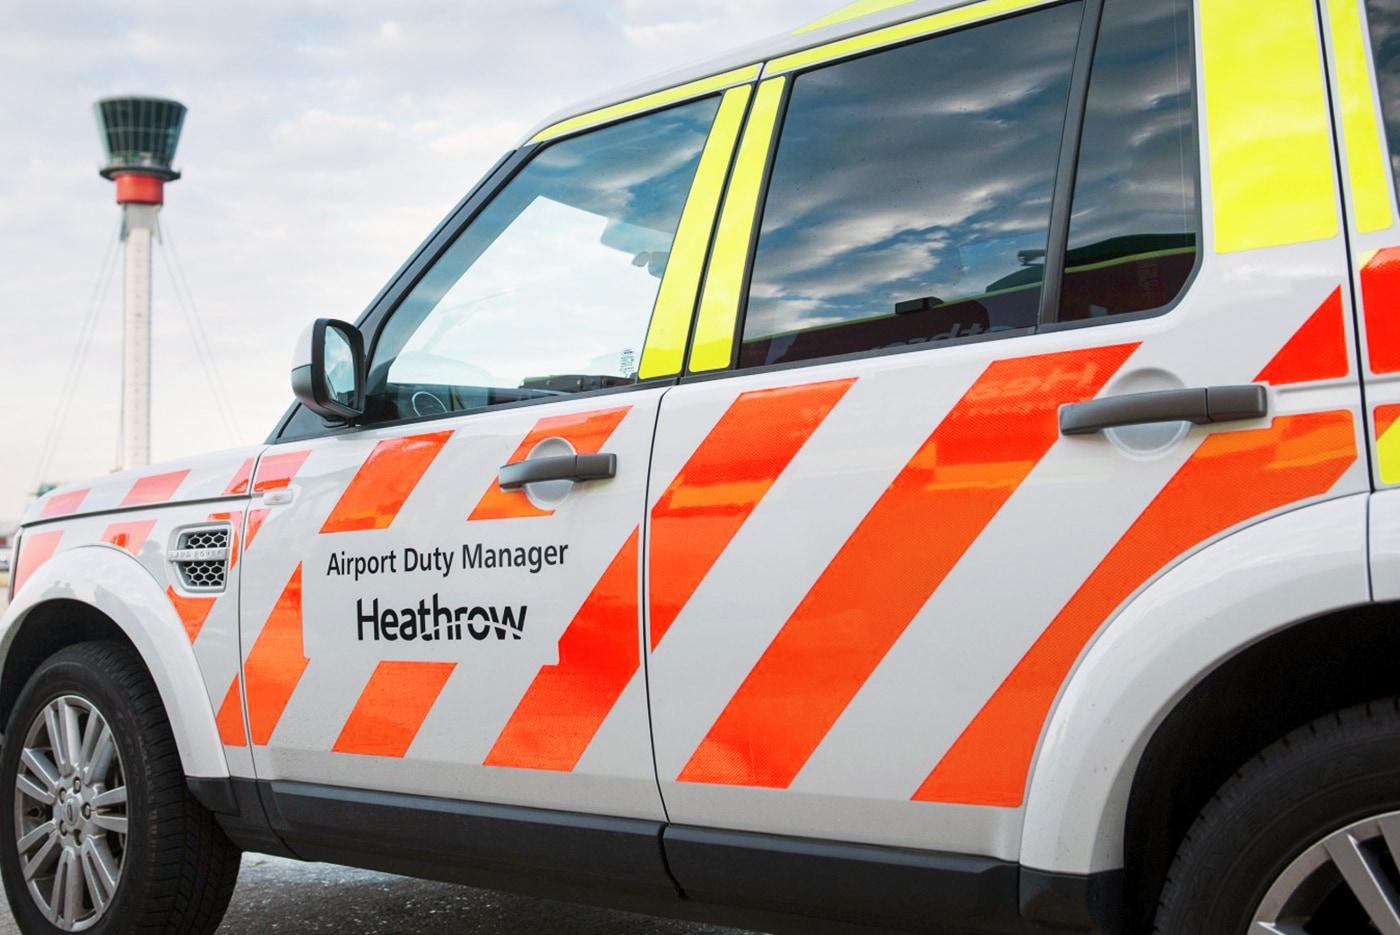 Heathrow's vehicle livery